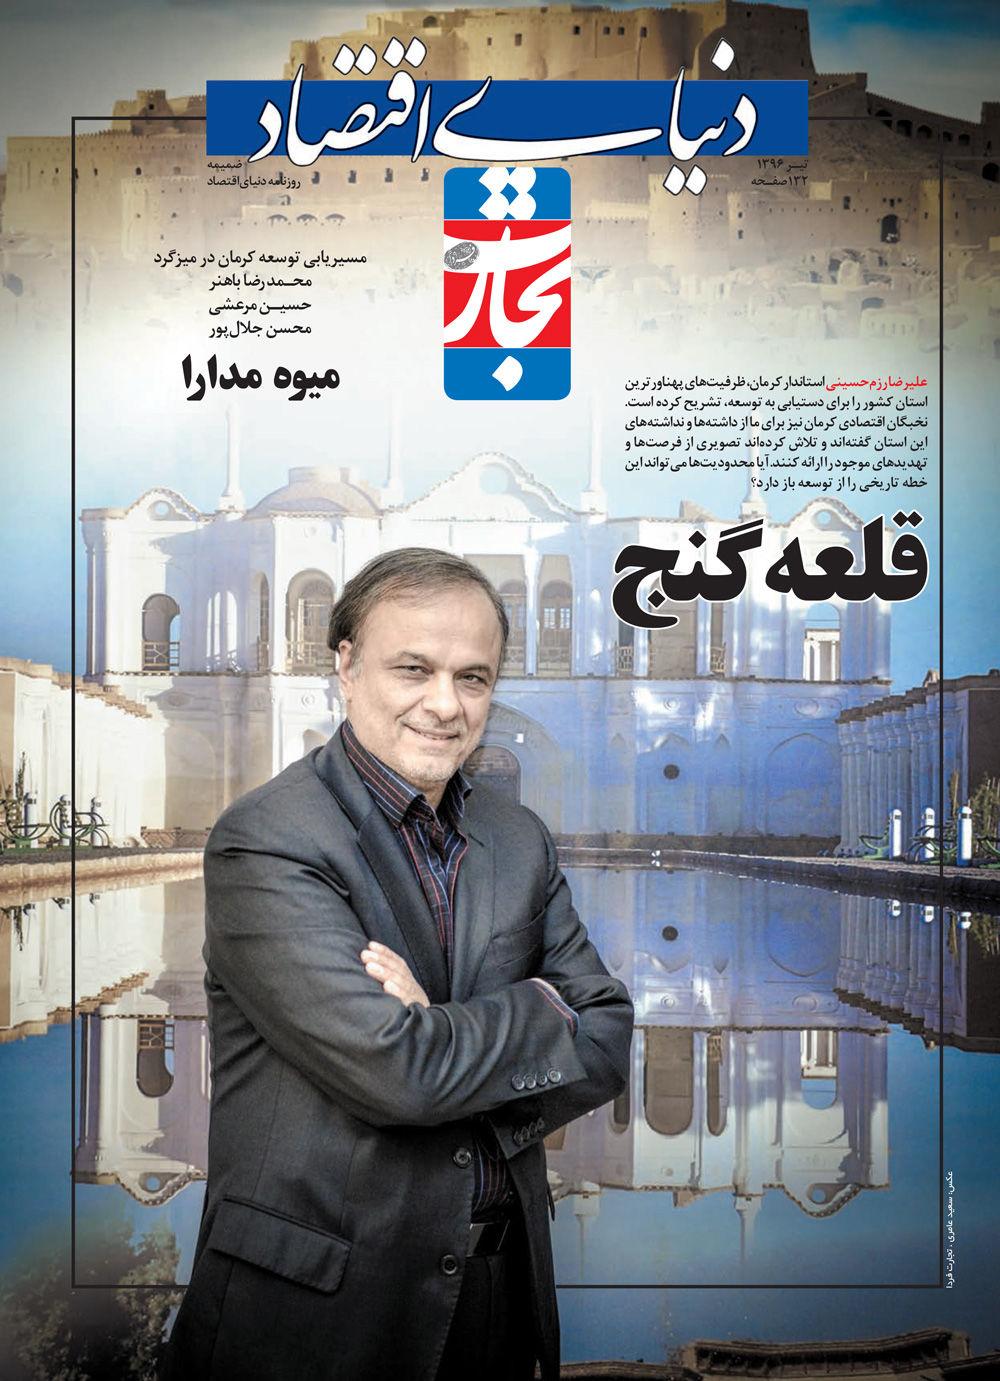 قلعه گنج (ویژهنامه استانها / کرمان)